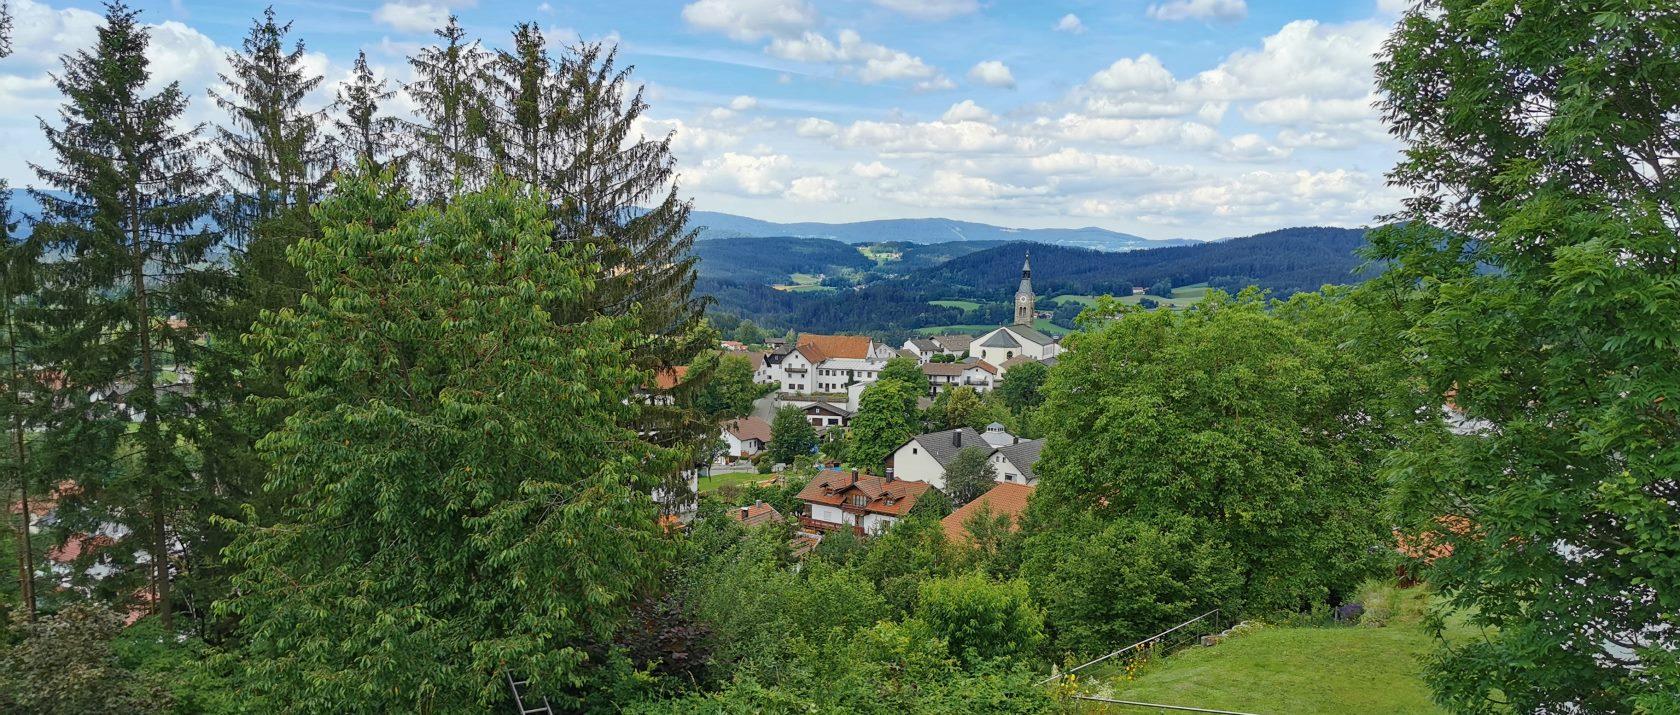 ferienhaus-der-5-kontinente-boebrach-aussicht-ferienort-panorama-1680